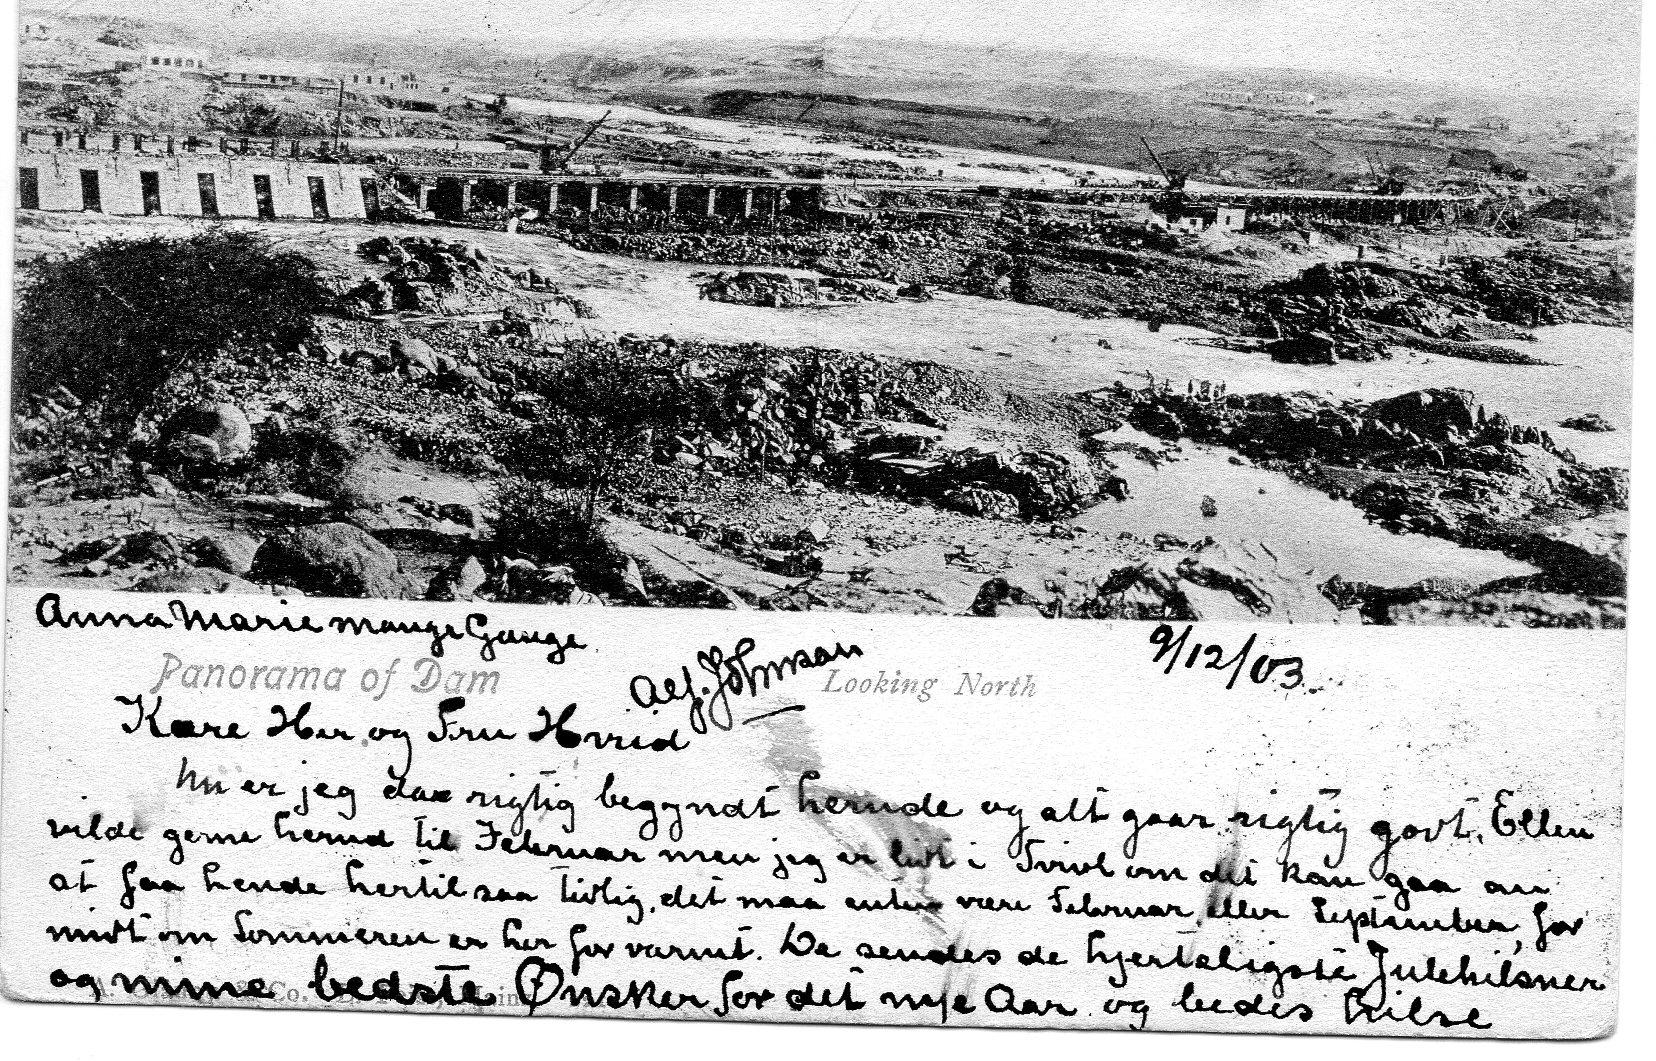 Sudan Dæmningen 1903